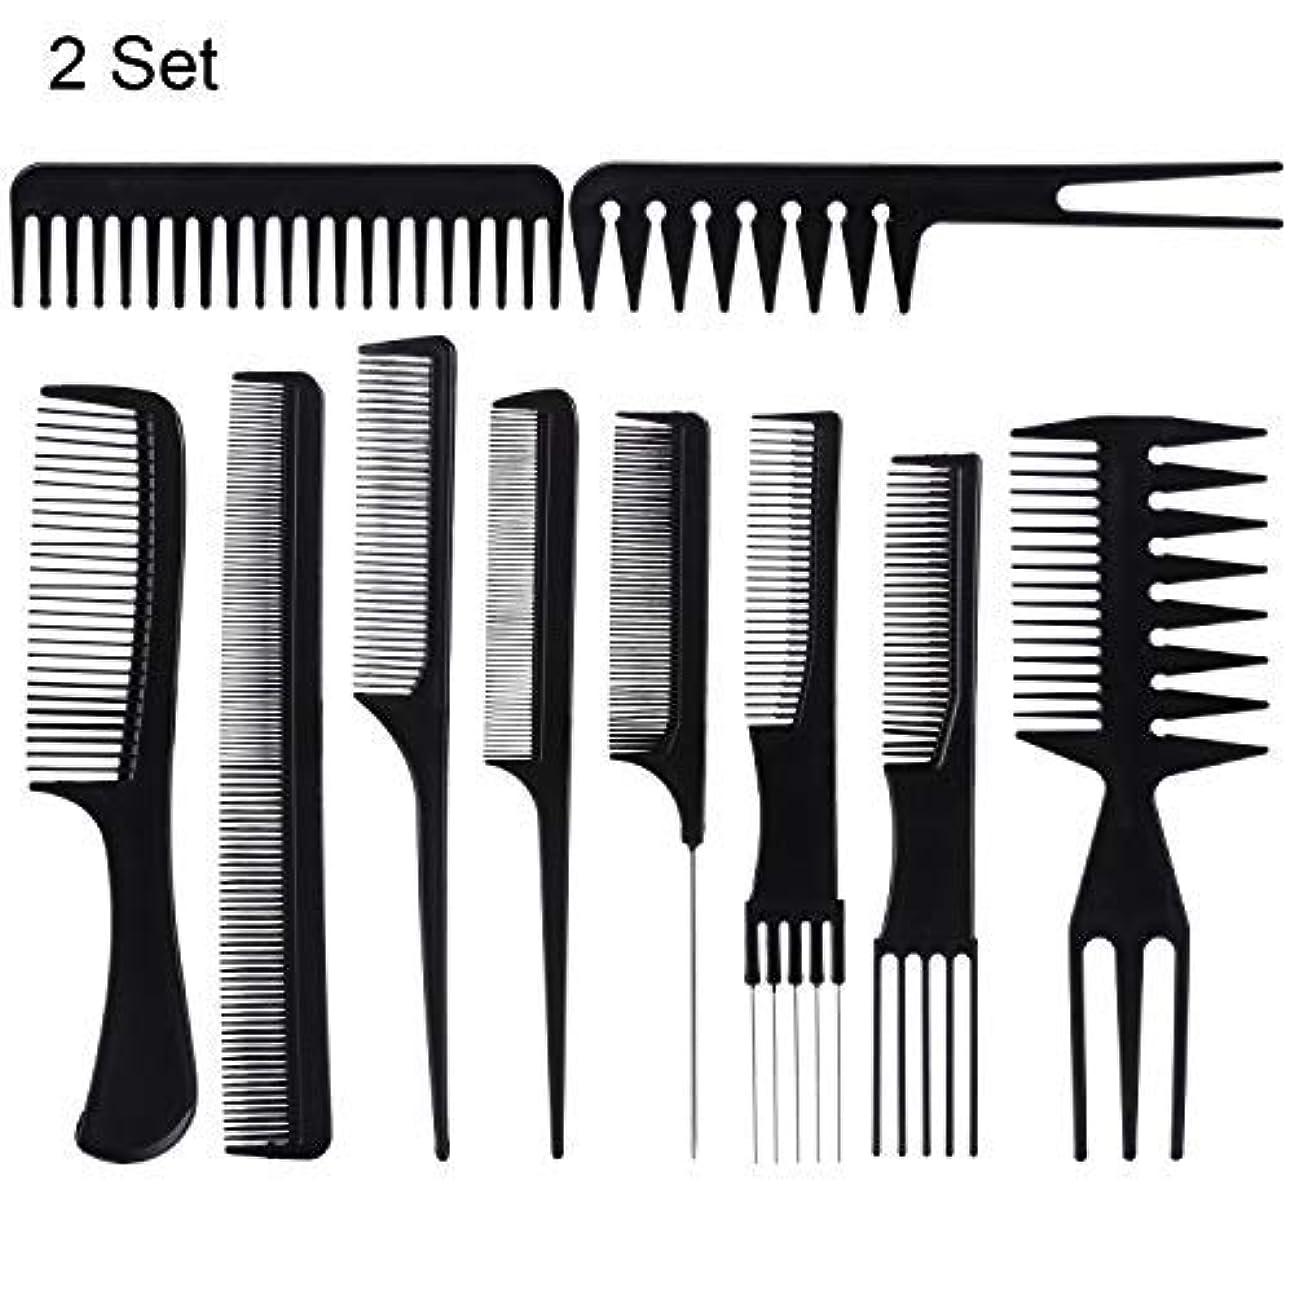 相関する他の場所資本主義20 Piece Professional Styling Comb Set for Making hair style [並行輸入品]